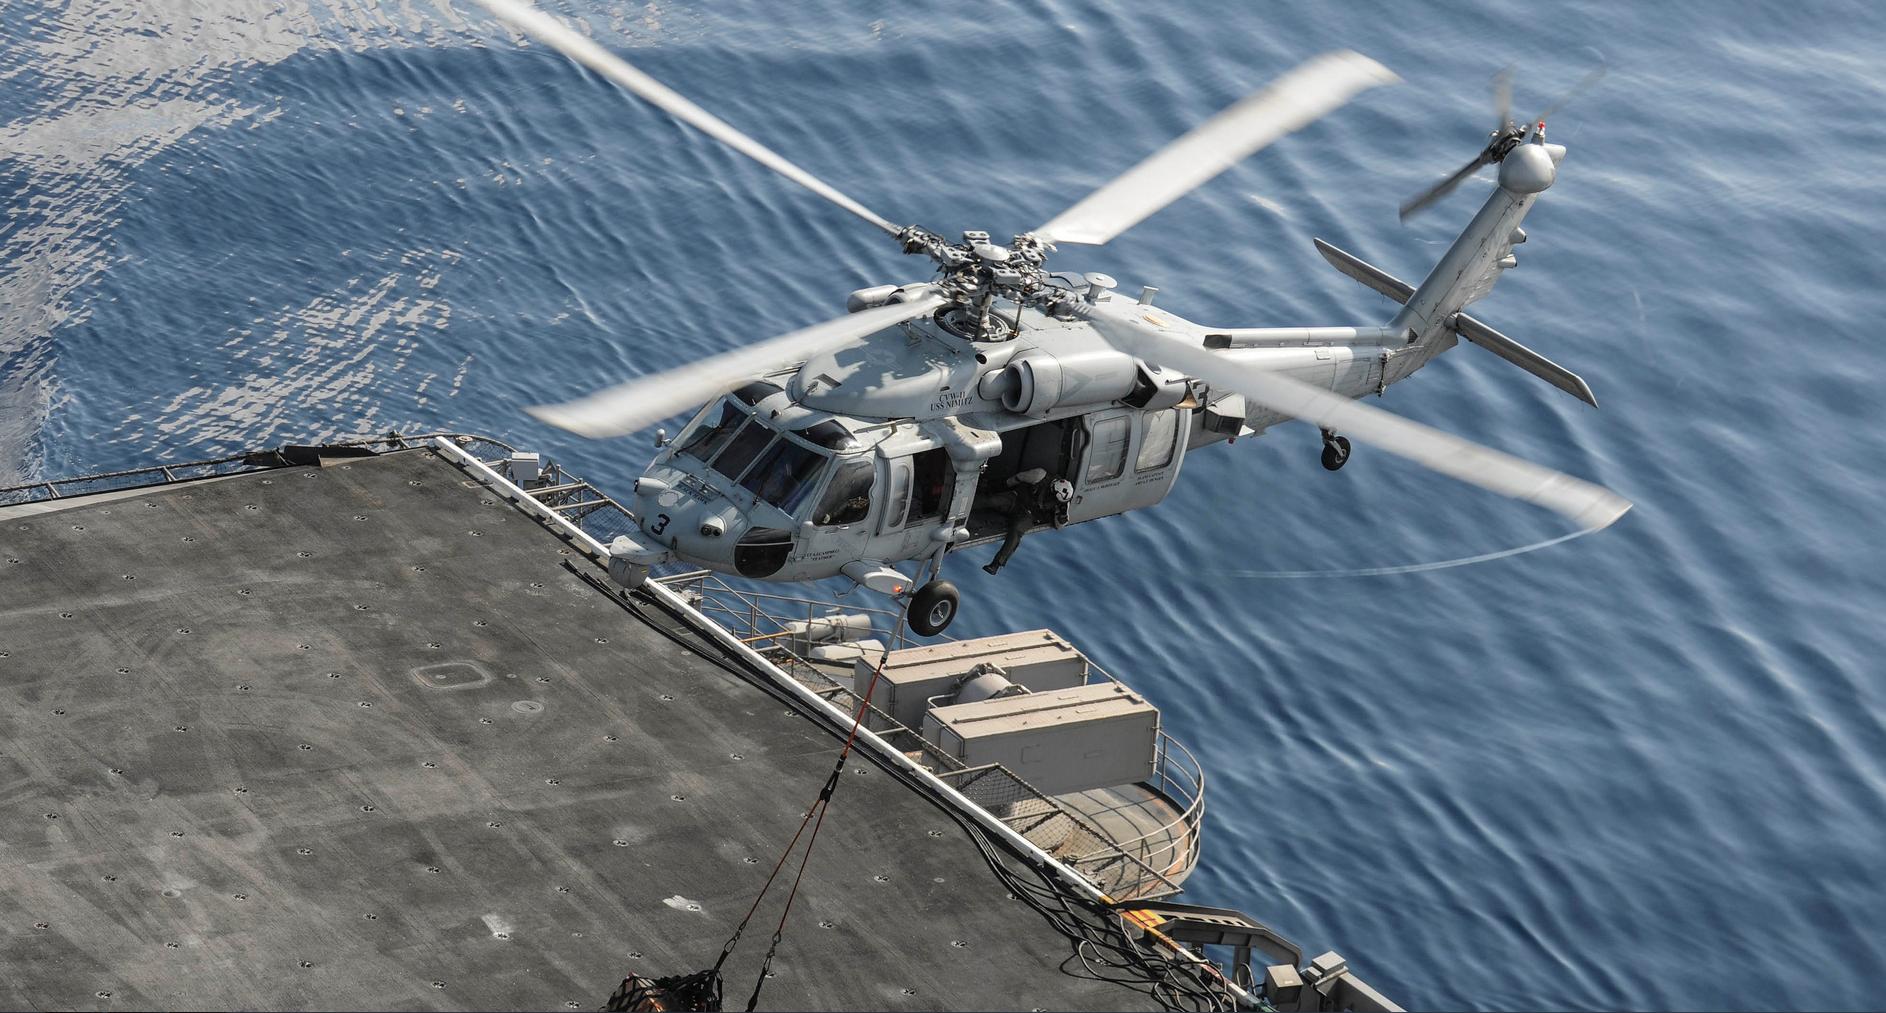 Обои MH-60R, армия, Sea Hawk helicopter. Авиация foto 4